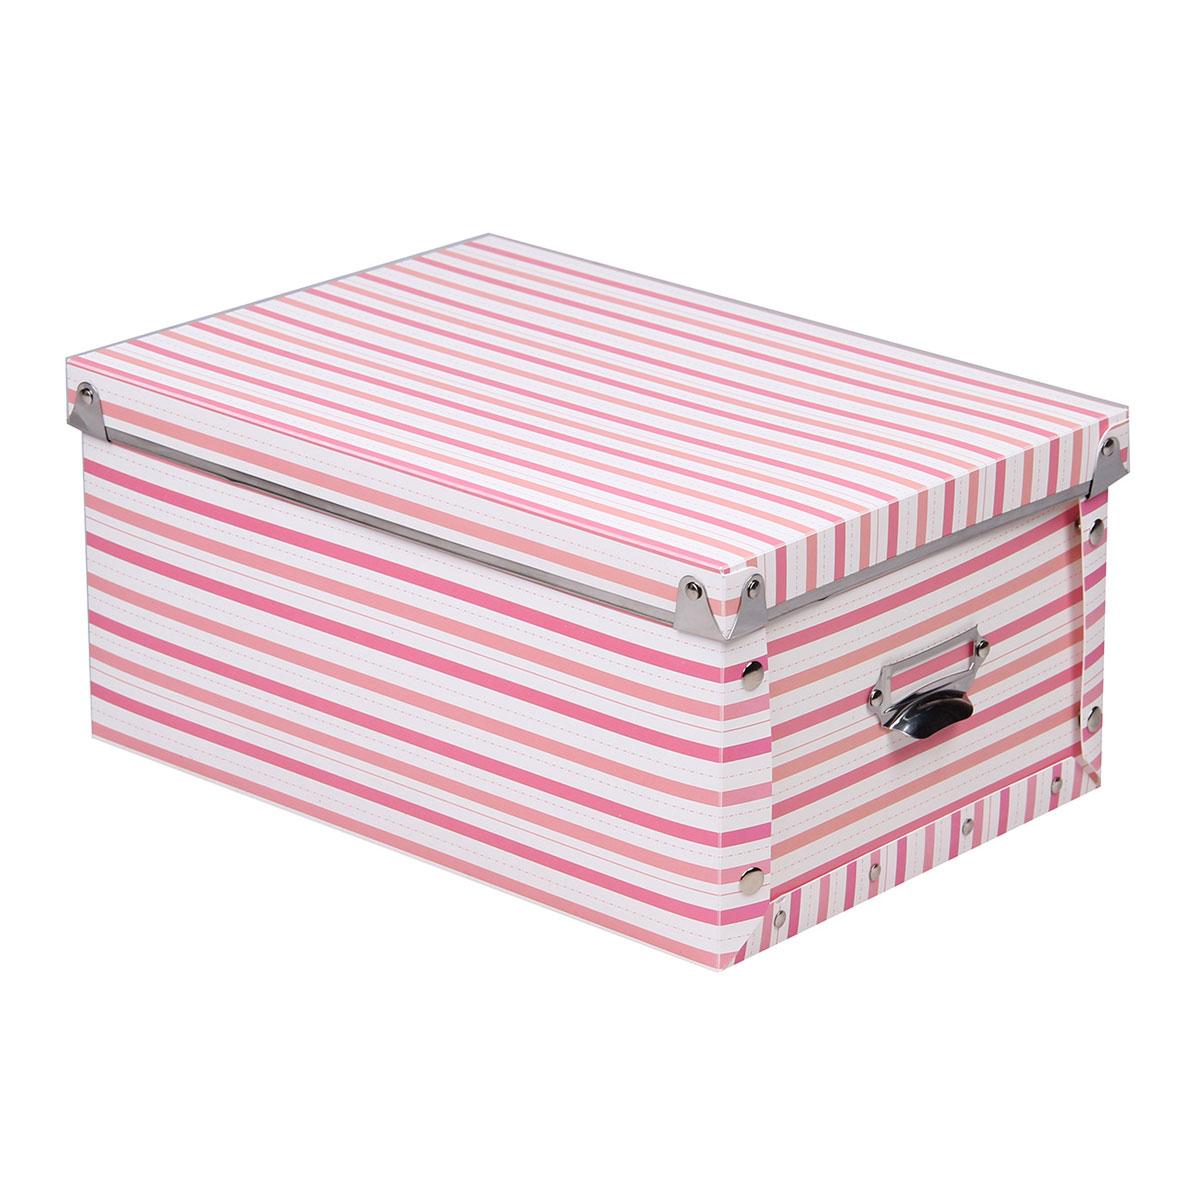 Короб для xранения Miolla, 22,5 x 13,5 x 13 см. SBС-01SBС-01Удобный и практичный короб идеально подойдет для хранения бумаг, канцелярских принадлежностей и любых других мелочей. Удобная крышка защитит ваши вещи от пыли, а боковые ручки позволят с легкостью переносить короб с места на место.